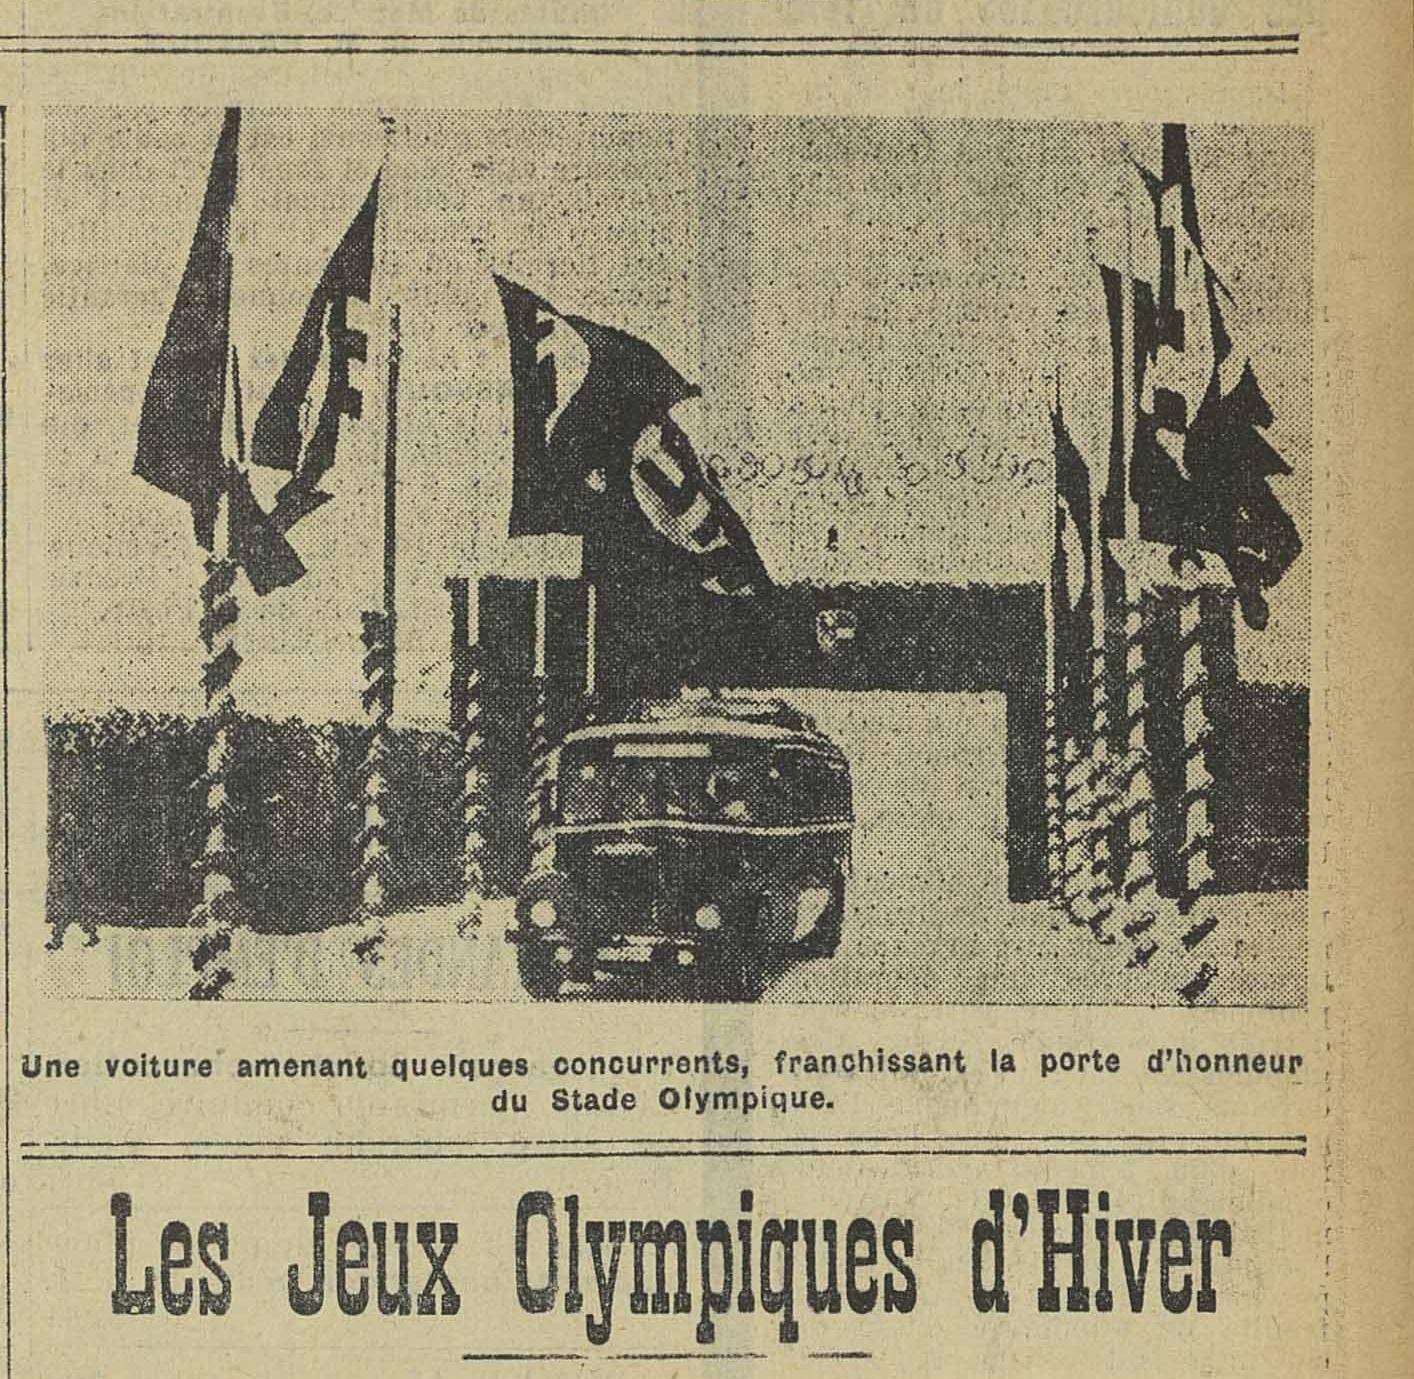 Contenu du Une voiture amenant quelques concurrents, franchissant la porte d'honneur du Stade Olympique - L'Express de l'Est, 08/02/1936